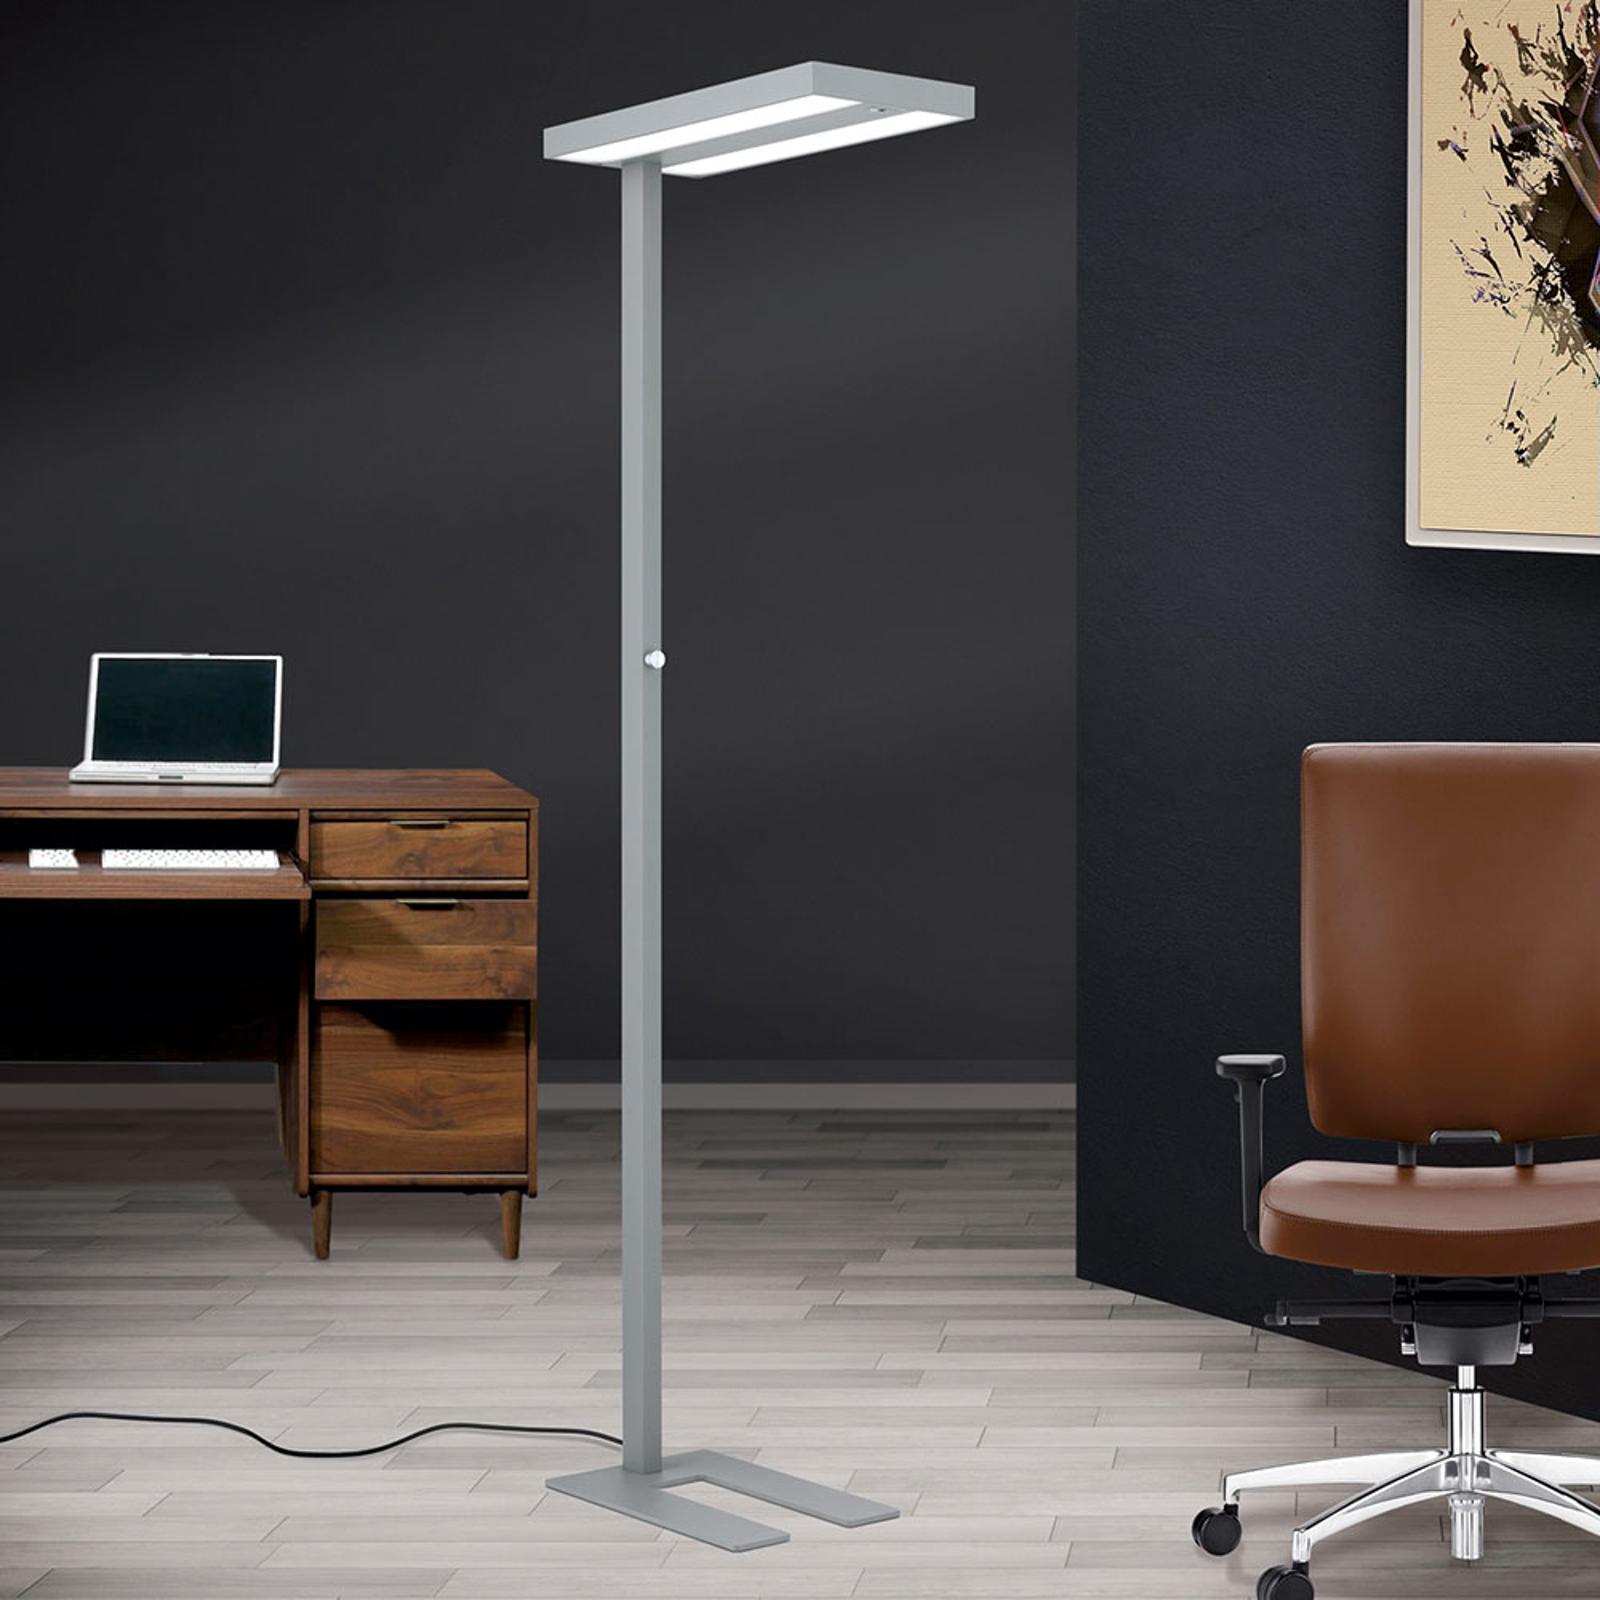 Lampa stojąca biurowa LED 12-1183, czujnik światła